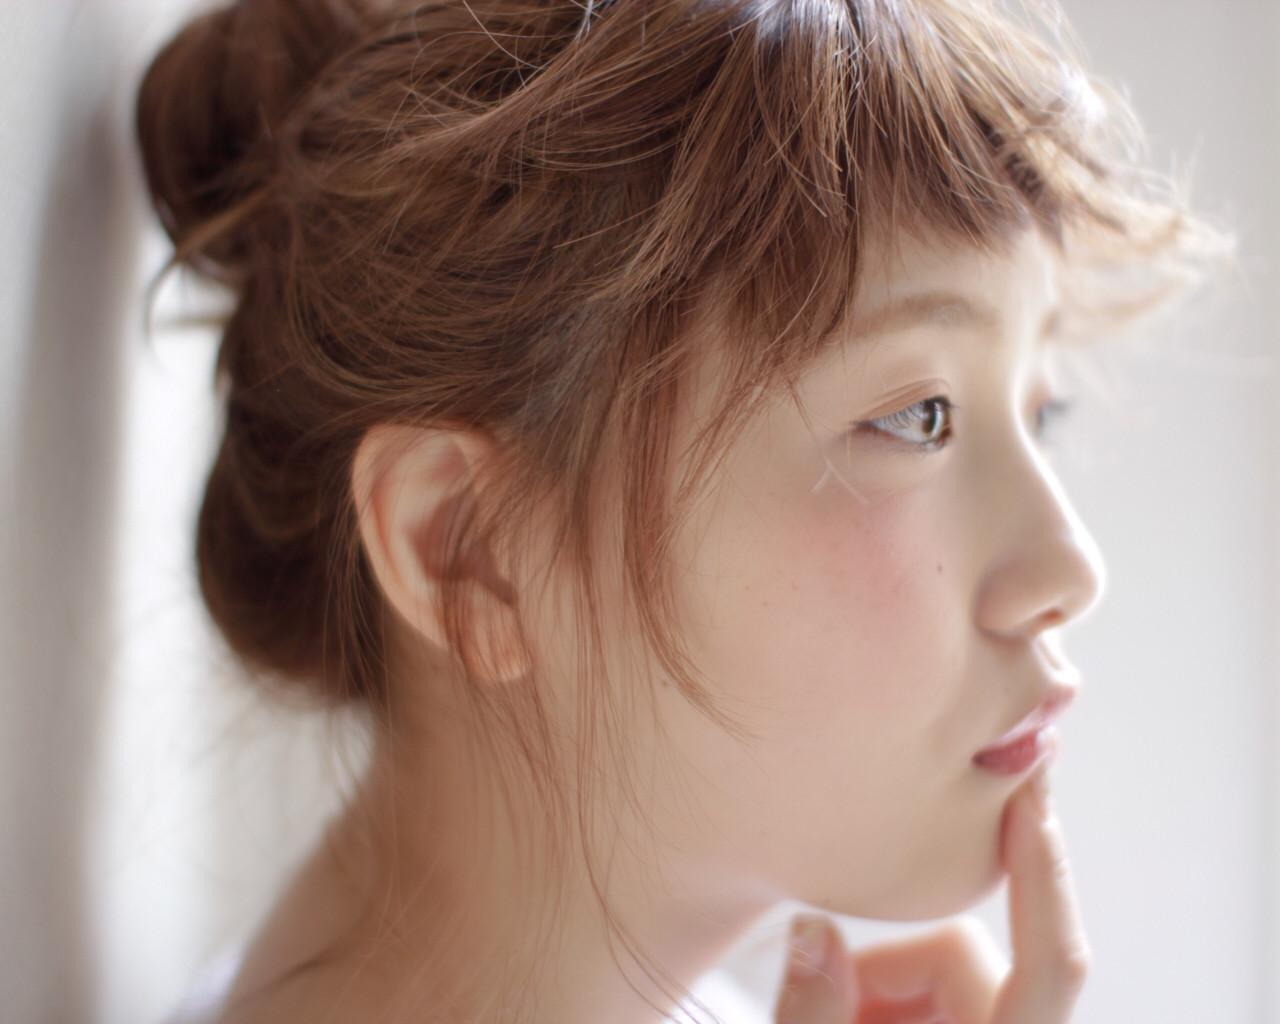 簡単ヘアアレンジ ヘアアレンジ ショート くせ毛風 ヘアスタイルや髪型の写真・画像 | 吉田将大 / chillo